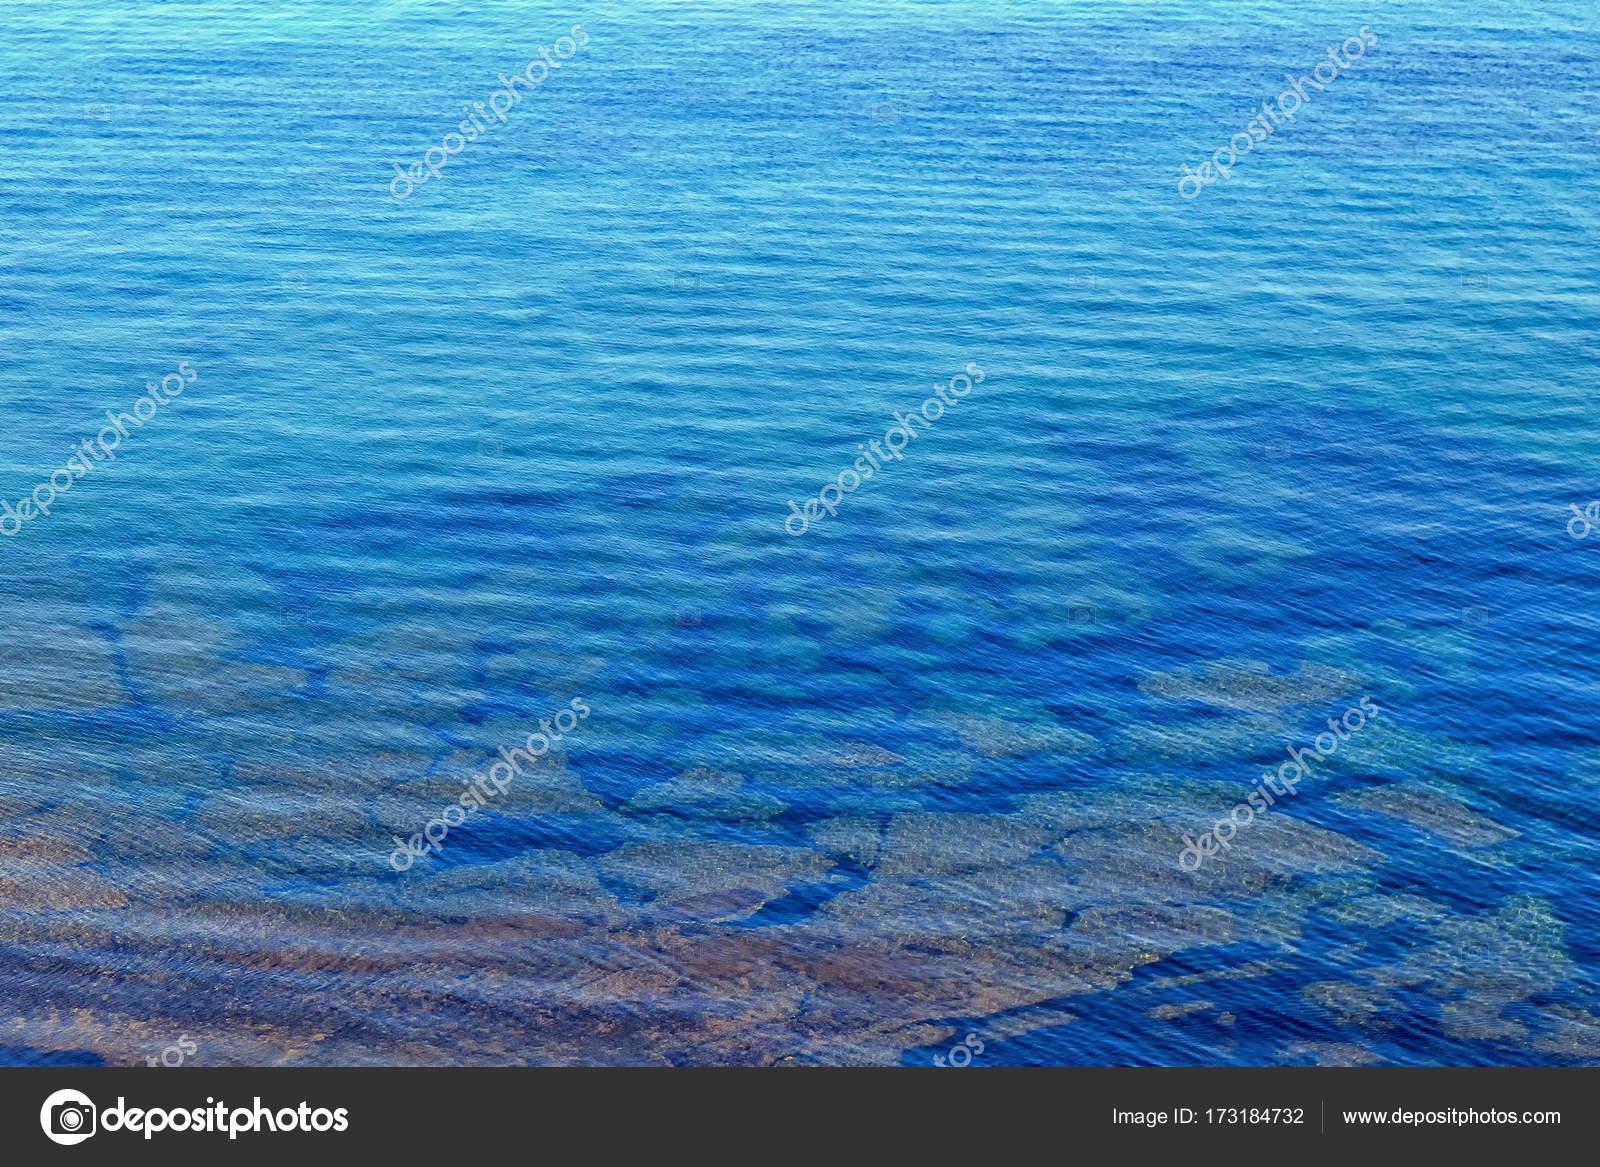 Sfondo Mare Azzurro Foto Stock Tbralnina 173184732